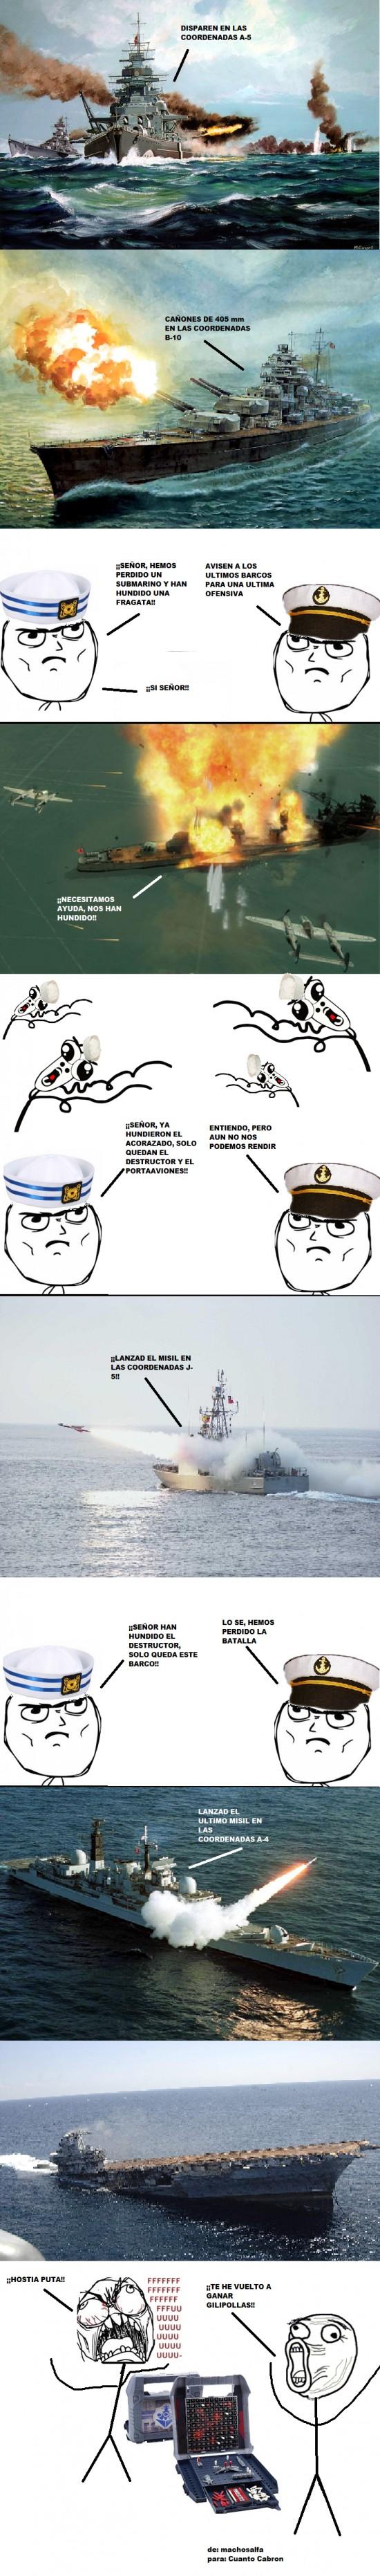 Ffffuuuuuuuuuu - Batalla naval